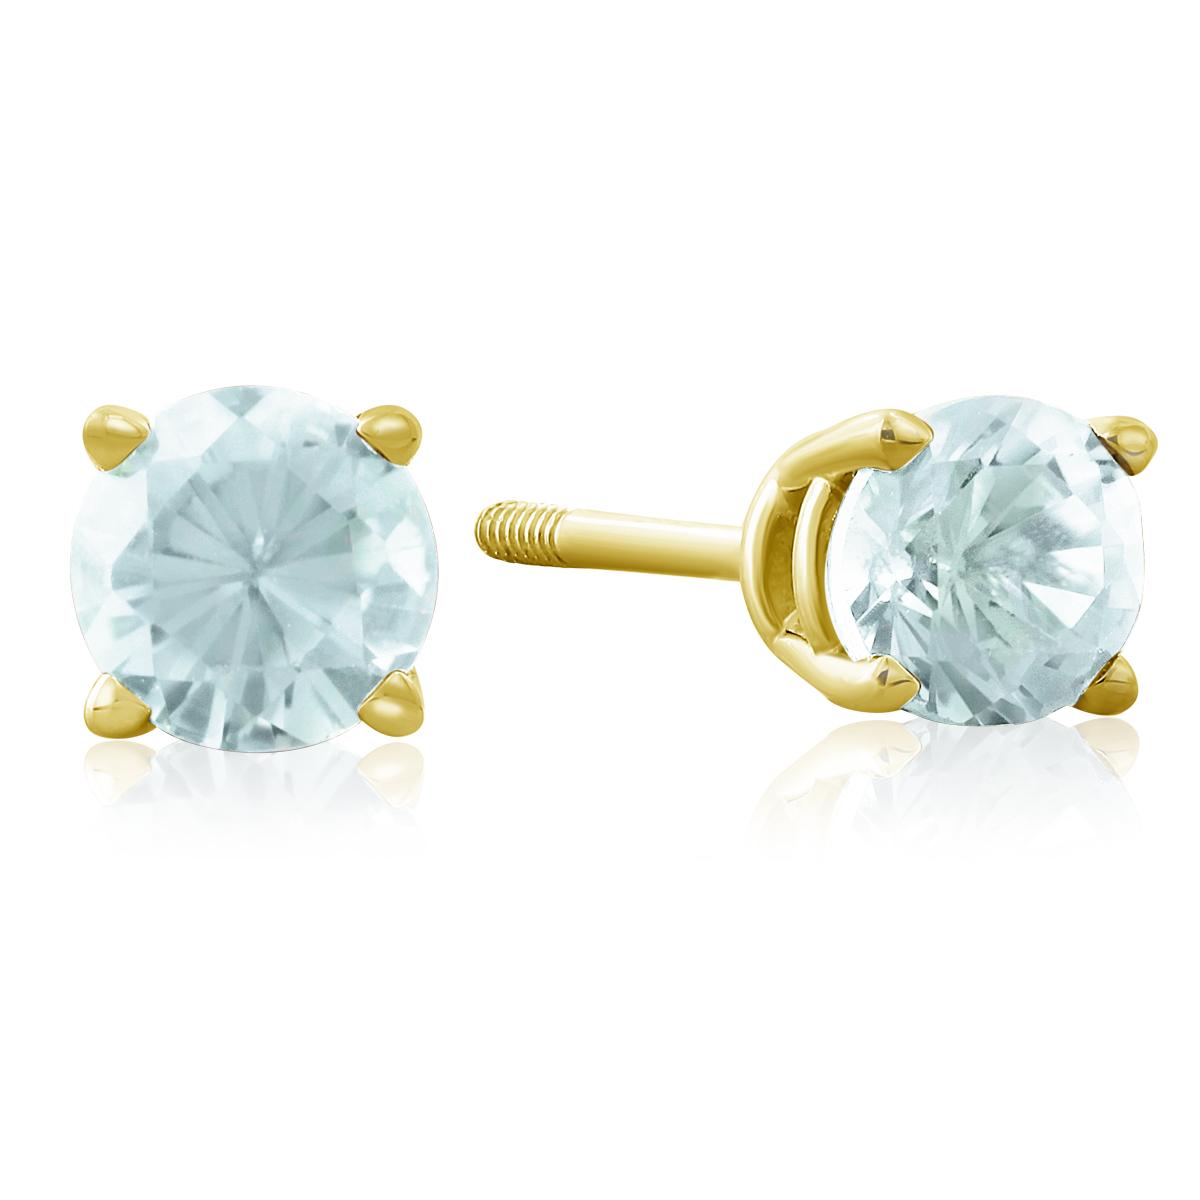 1 2 Carat Blue Topaz Stud Earrings in 14k Yellow Gold